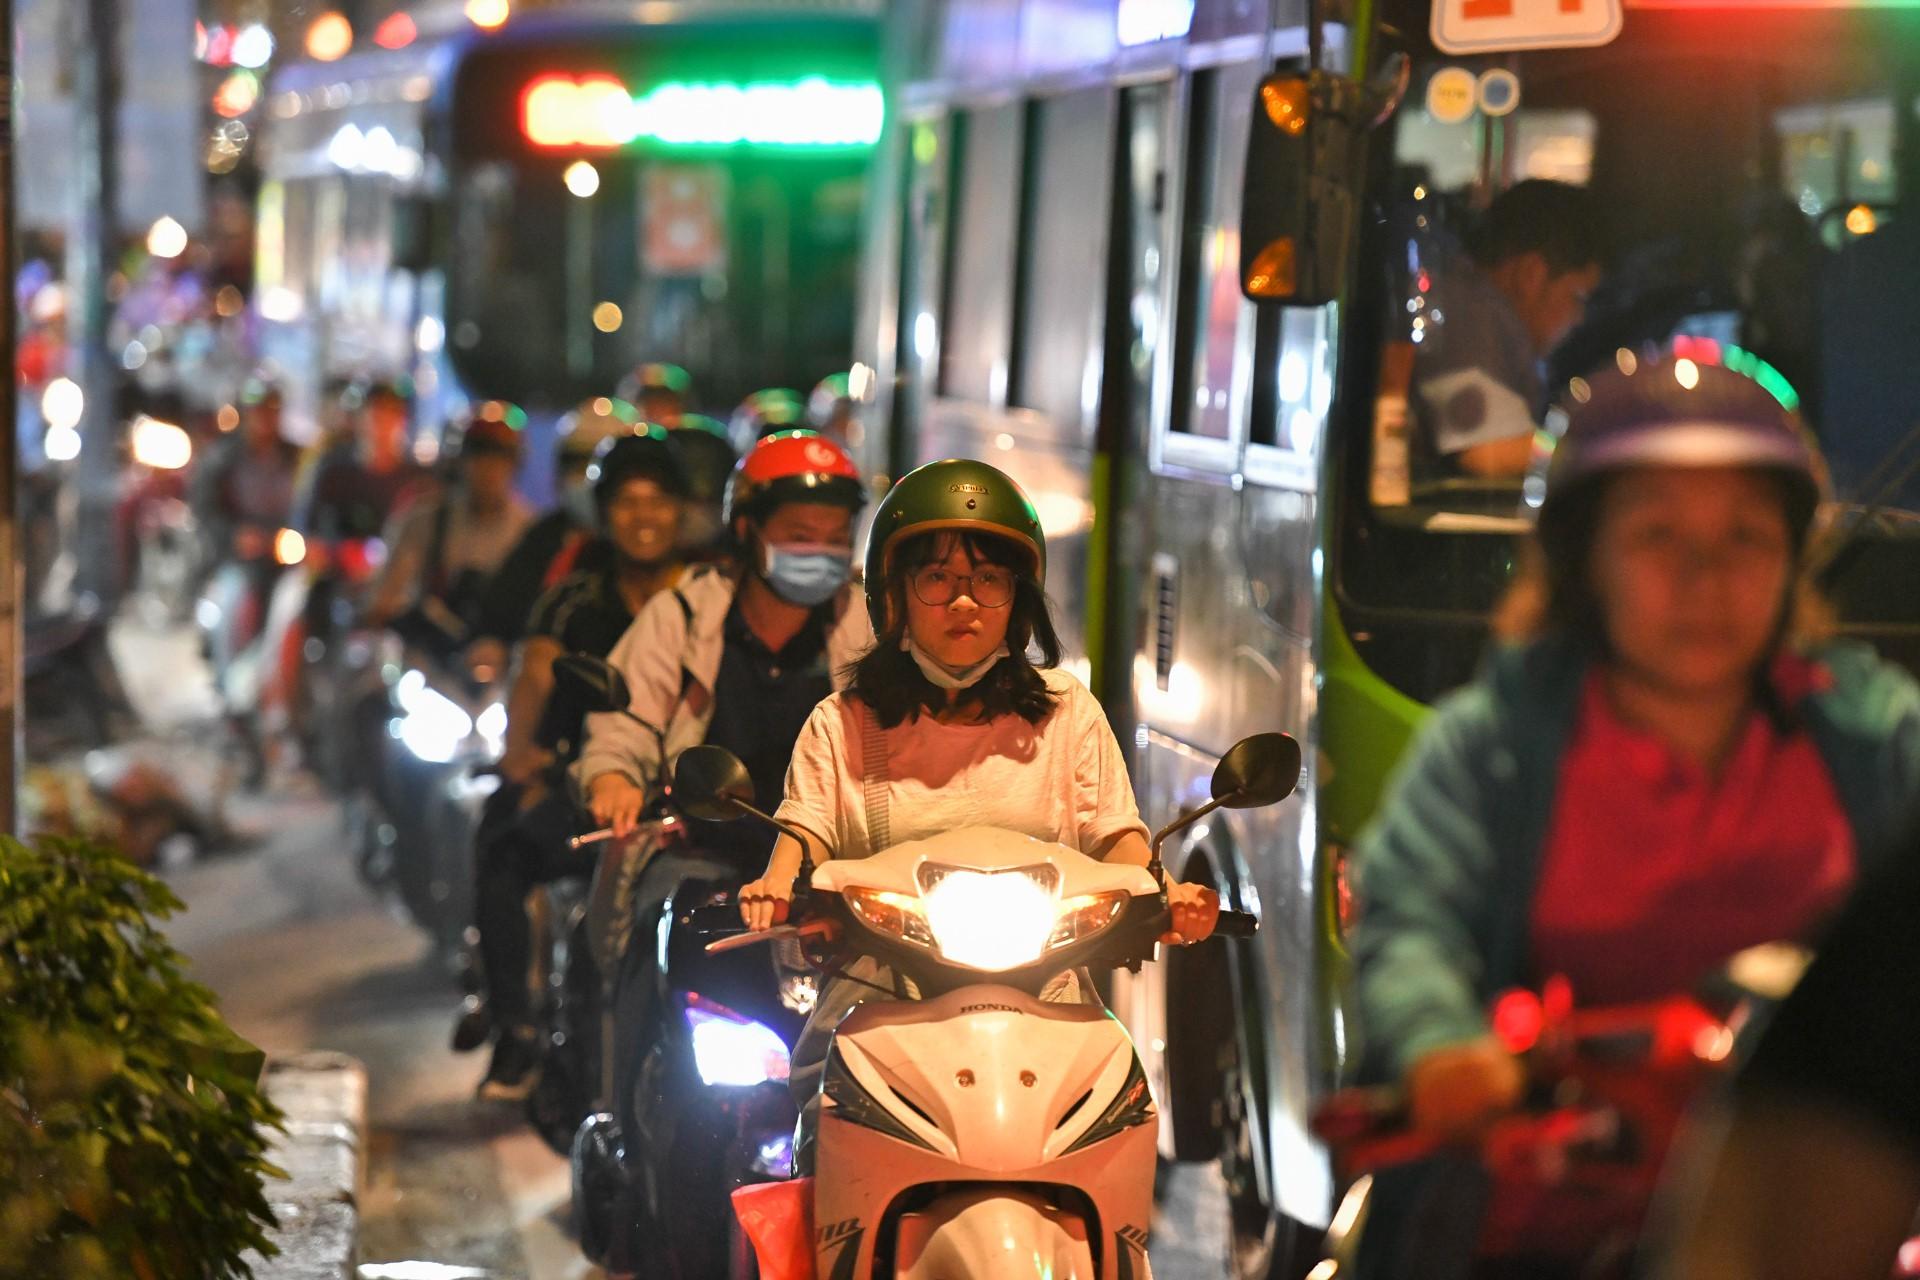 'Con đường dài nhất TP HCM' với gần 600 lần ùn tắc trong 8 tháng - Ảnh 3.